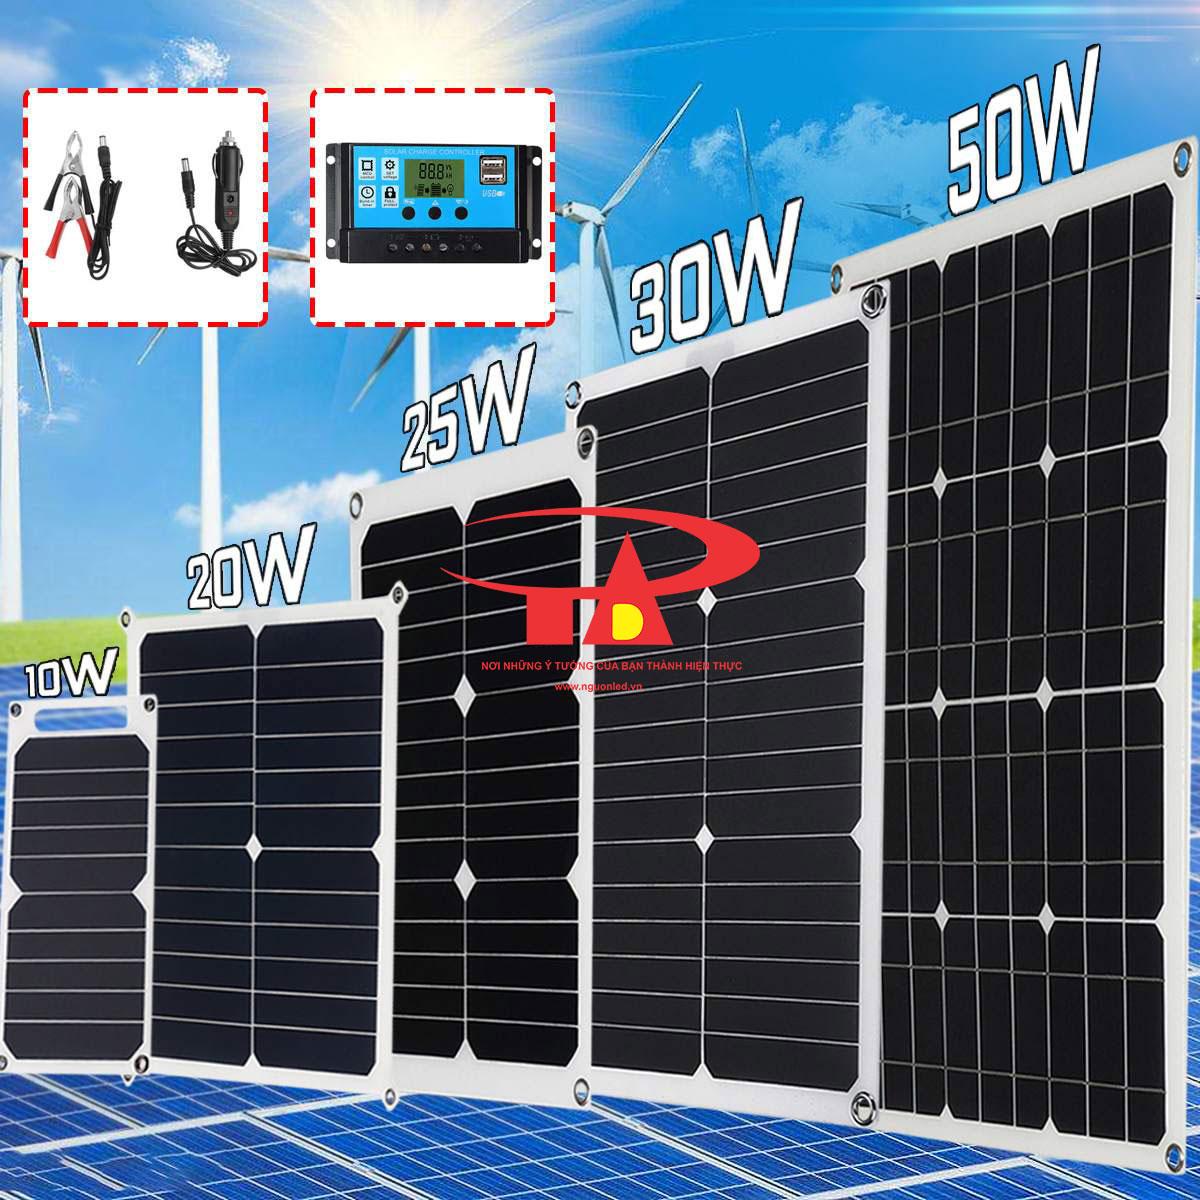 tấm pin năng lượng mặt trời 50w dùng cho thiết bị điện